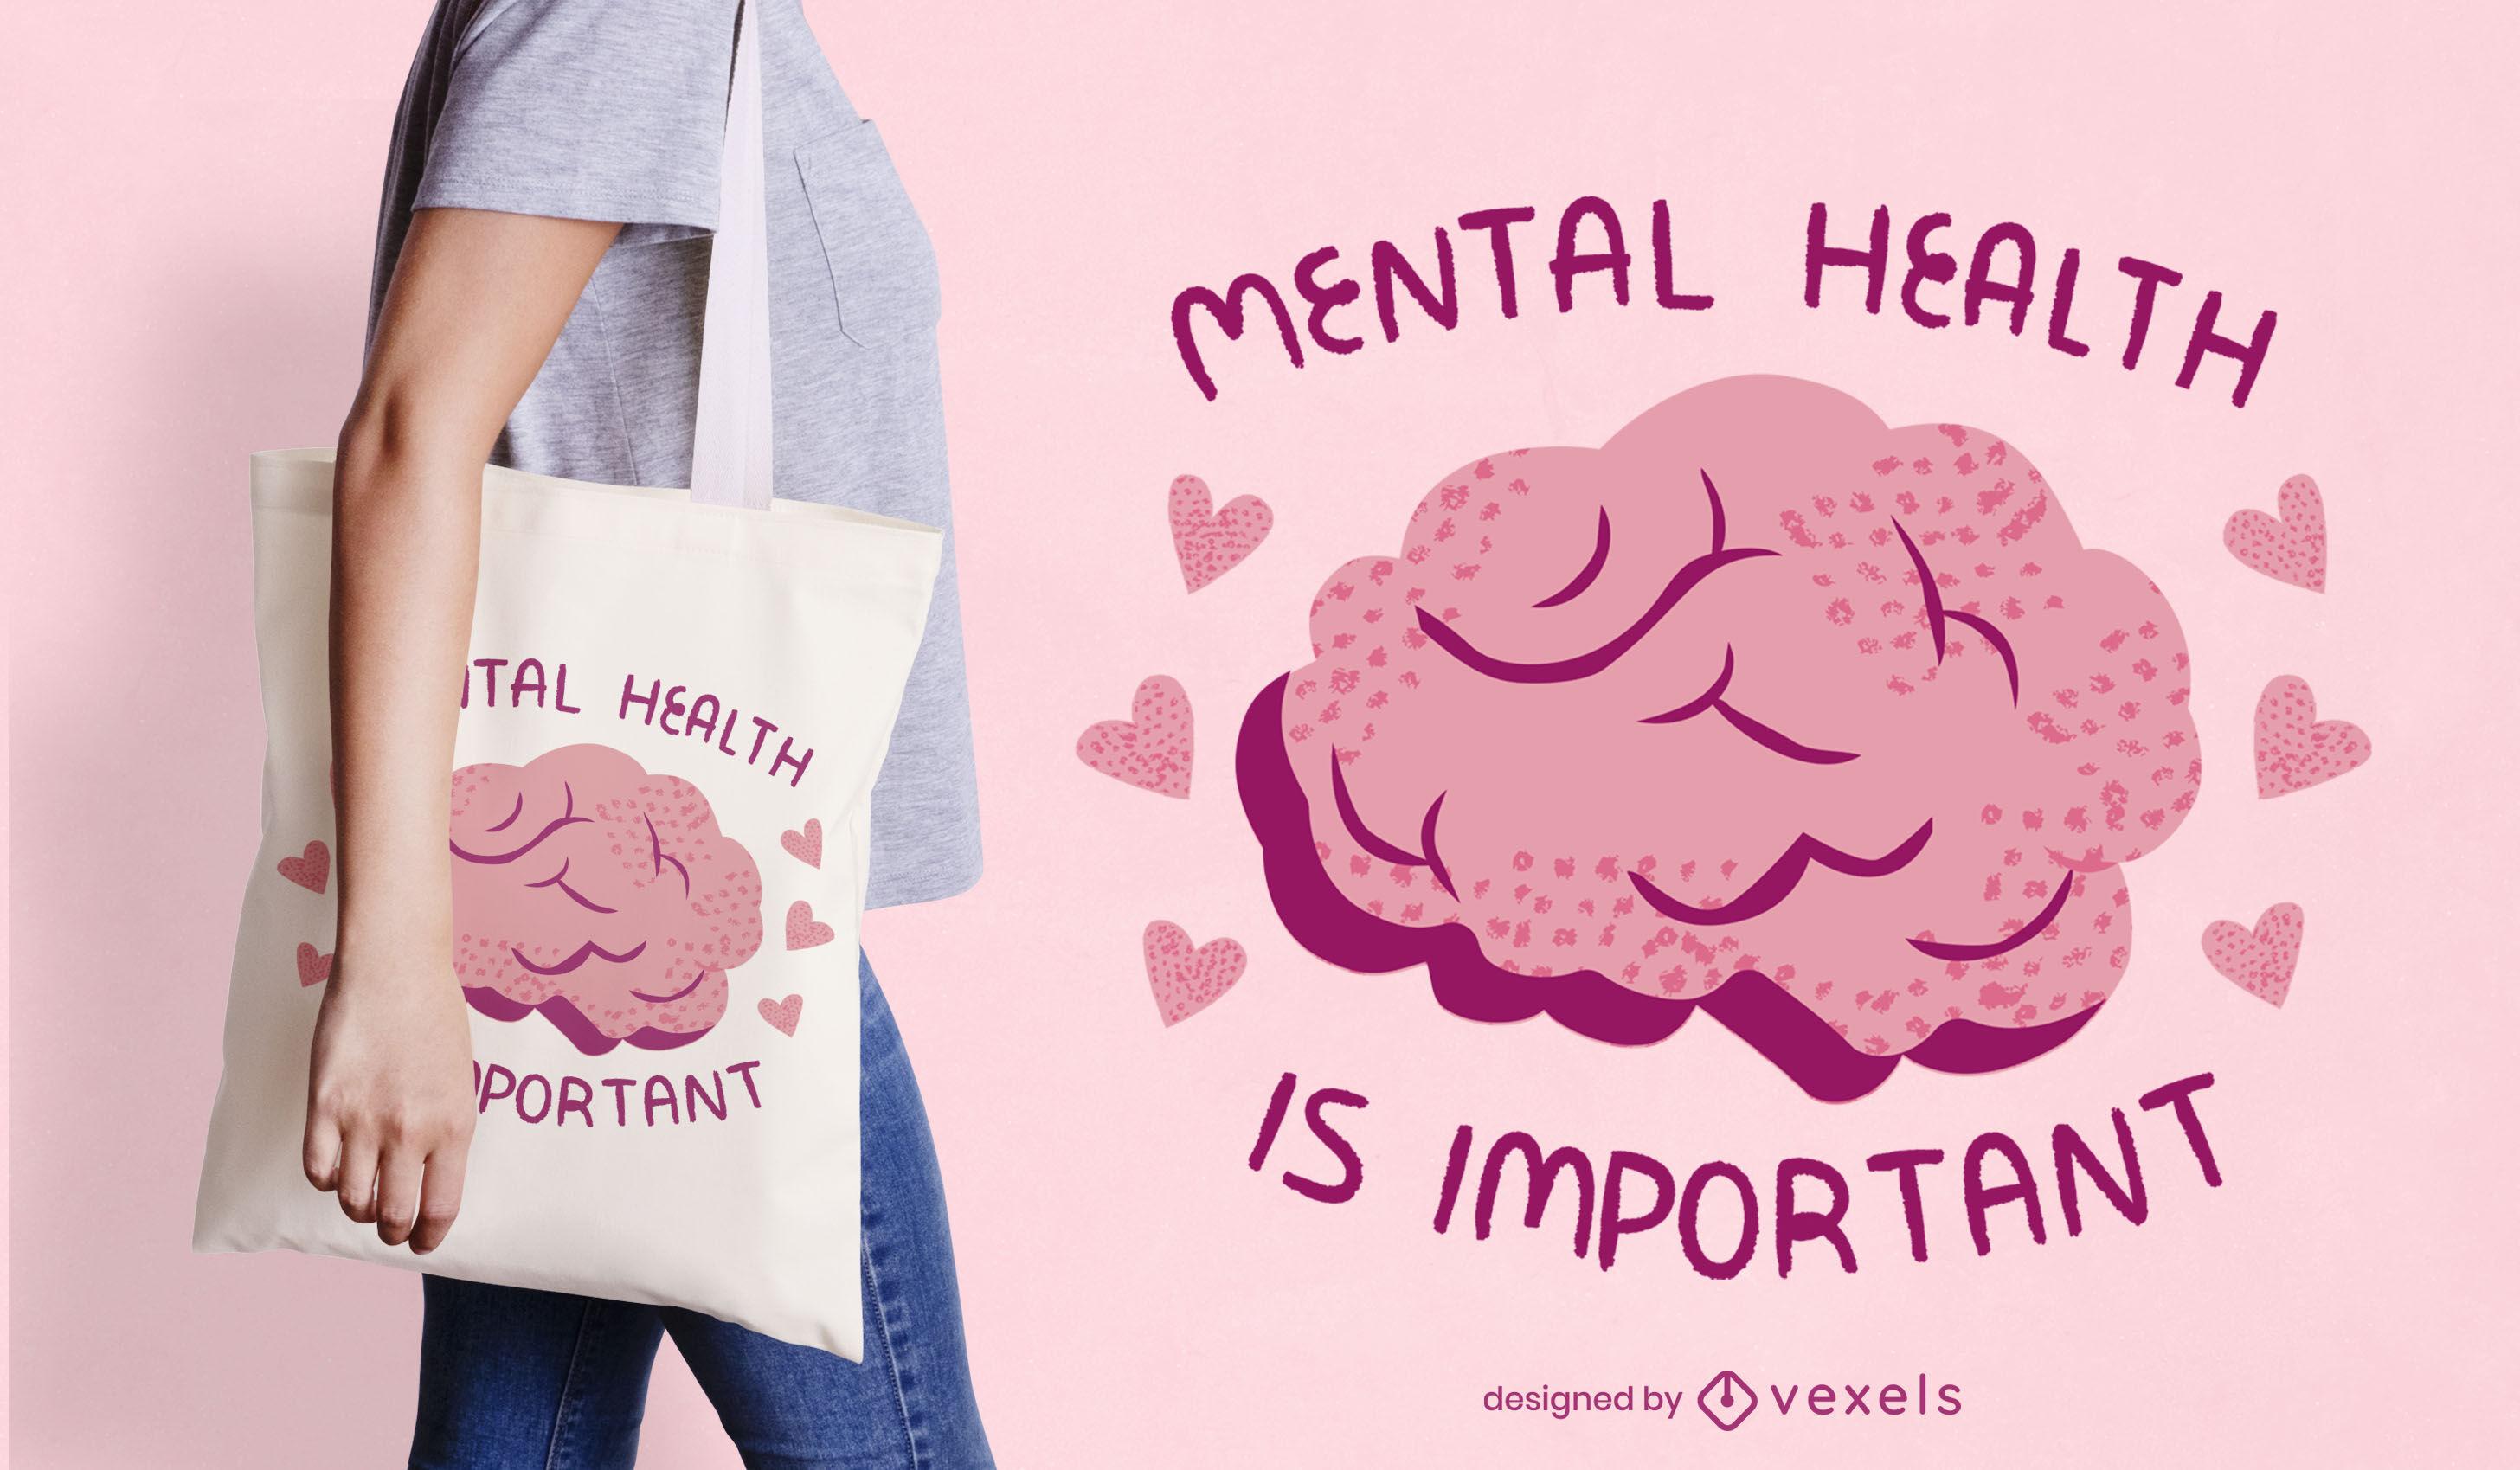 Diseño de bolsa de asas de salud mental del cerebro humano